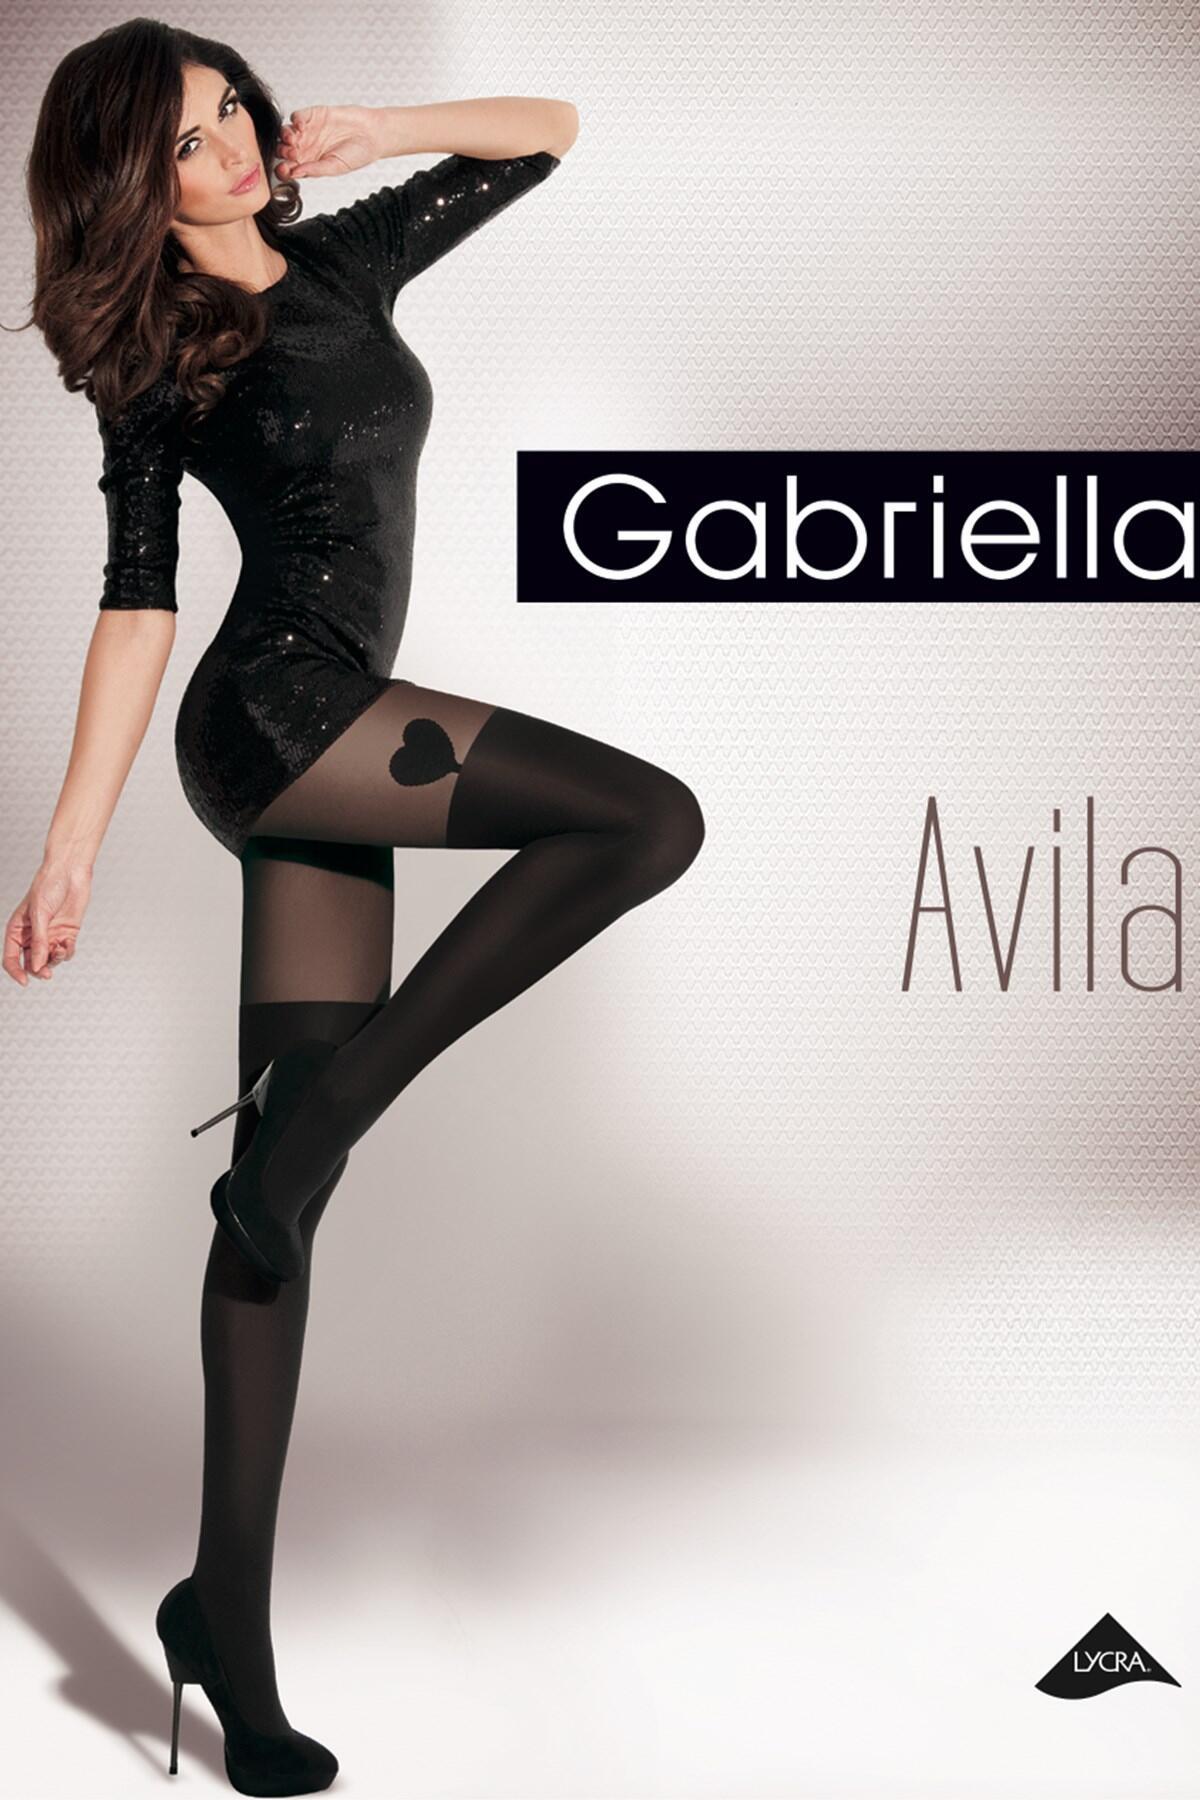 Gabriella Avila Fashion 40 Den Micro - Black